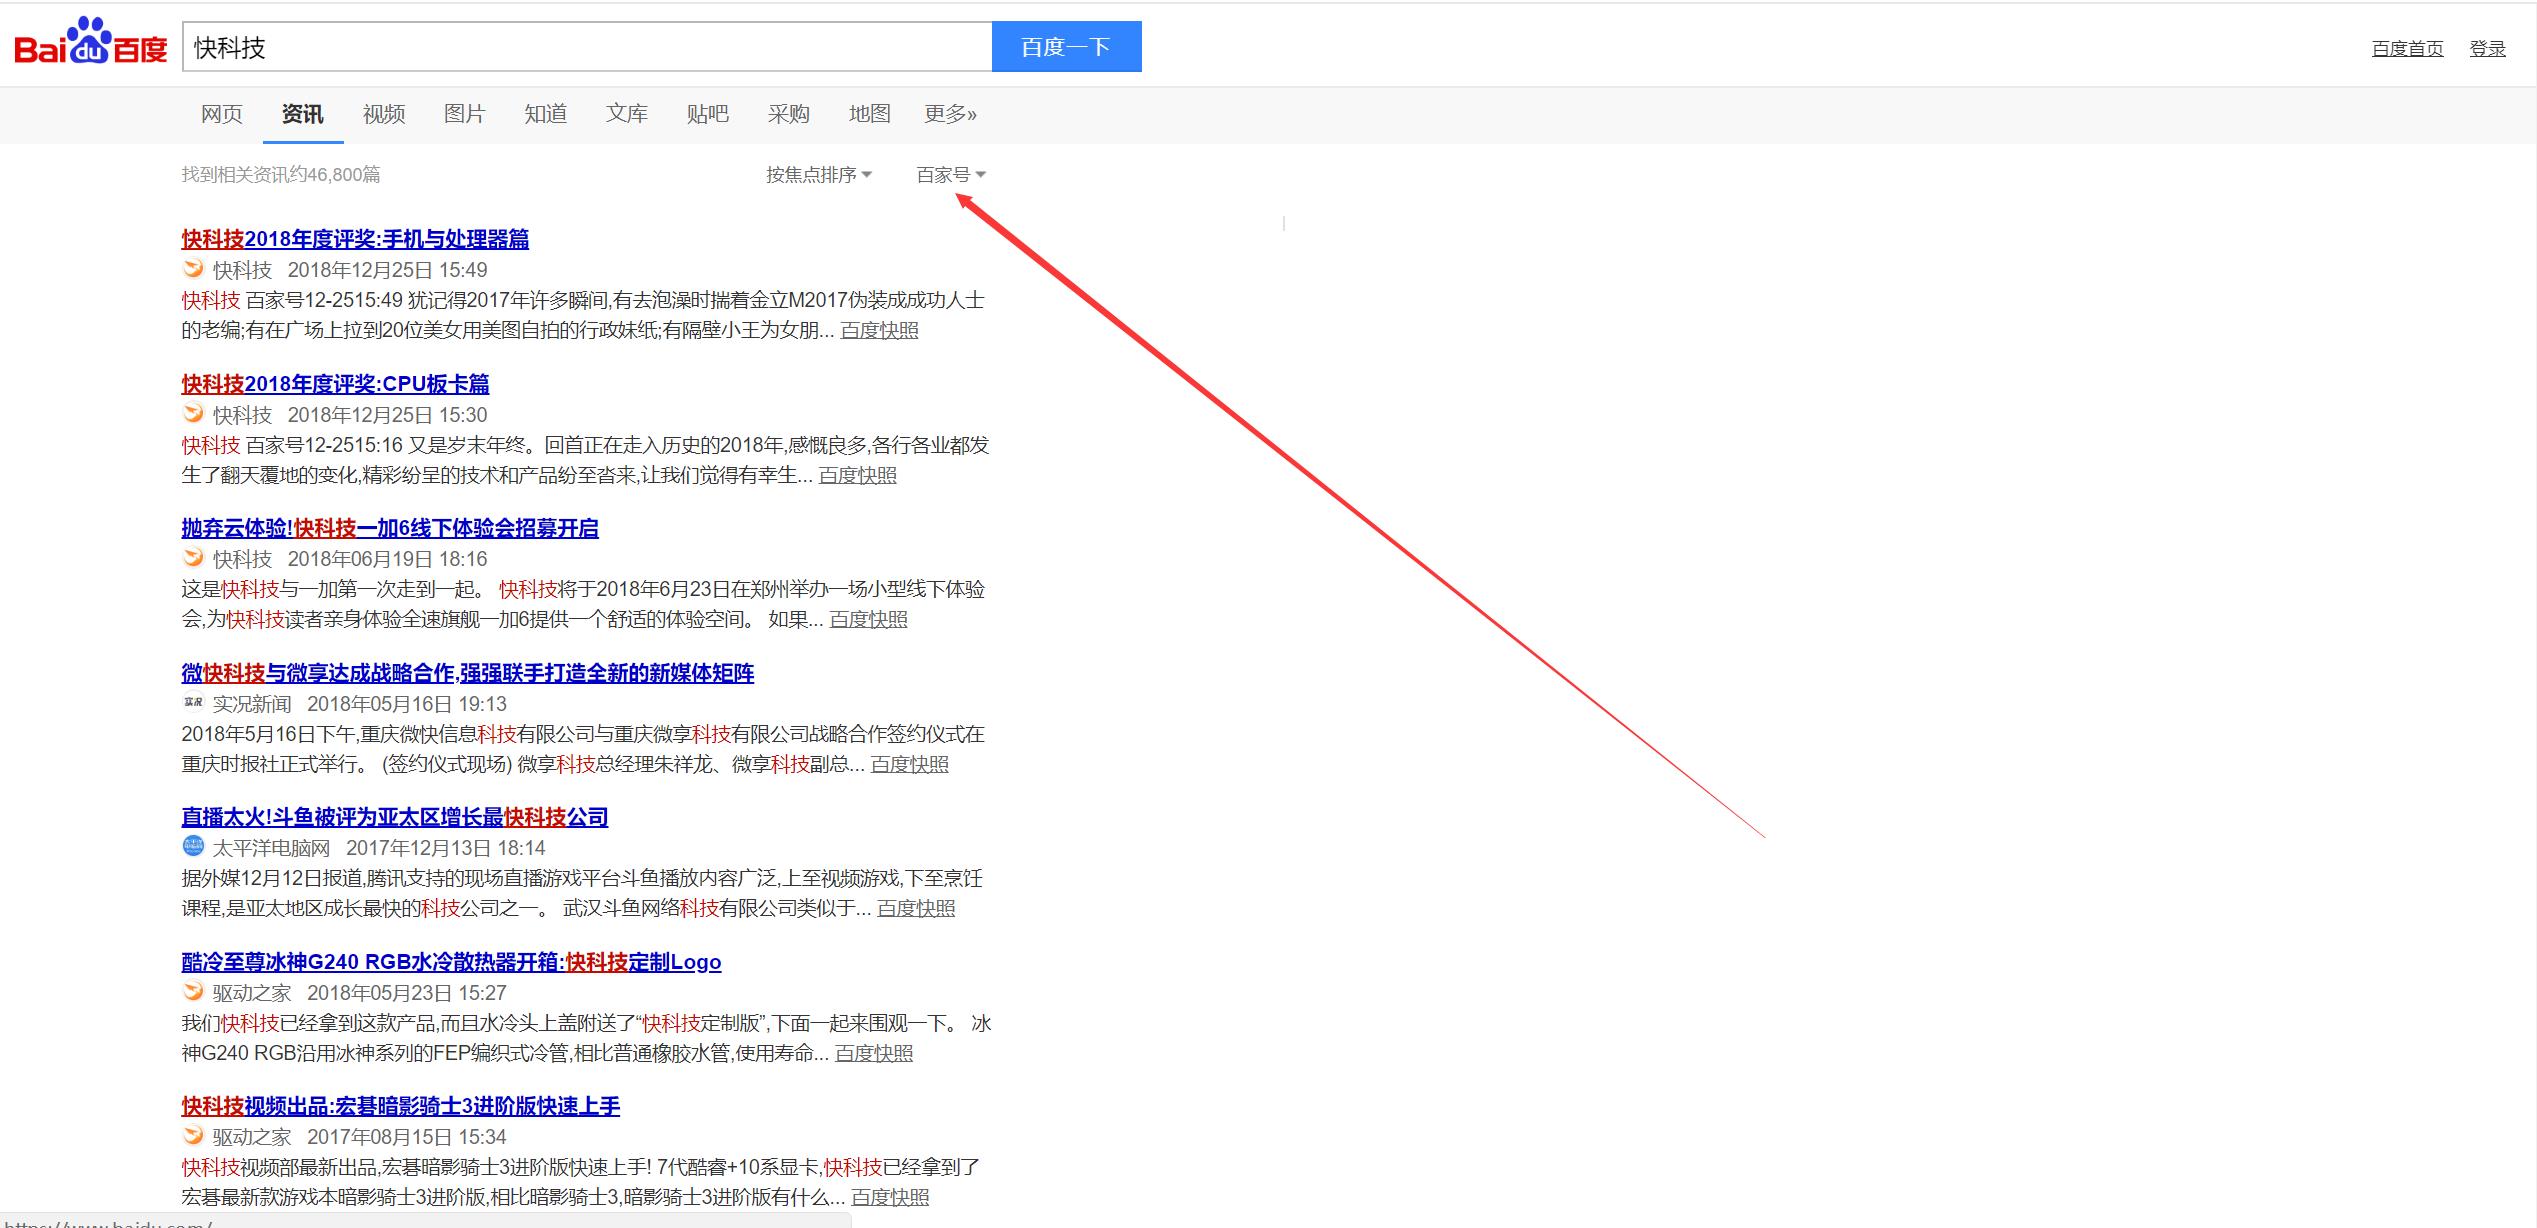 资讯_百度资讯搜索调整:来源可选择媒体网站或者百家号